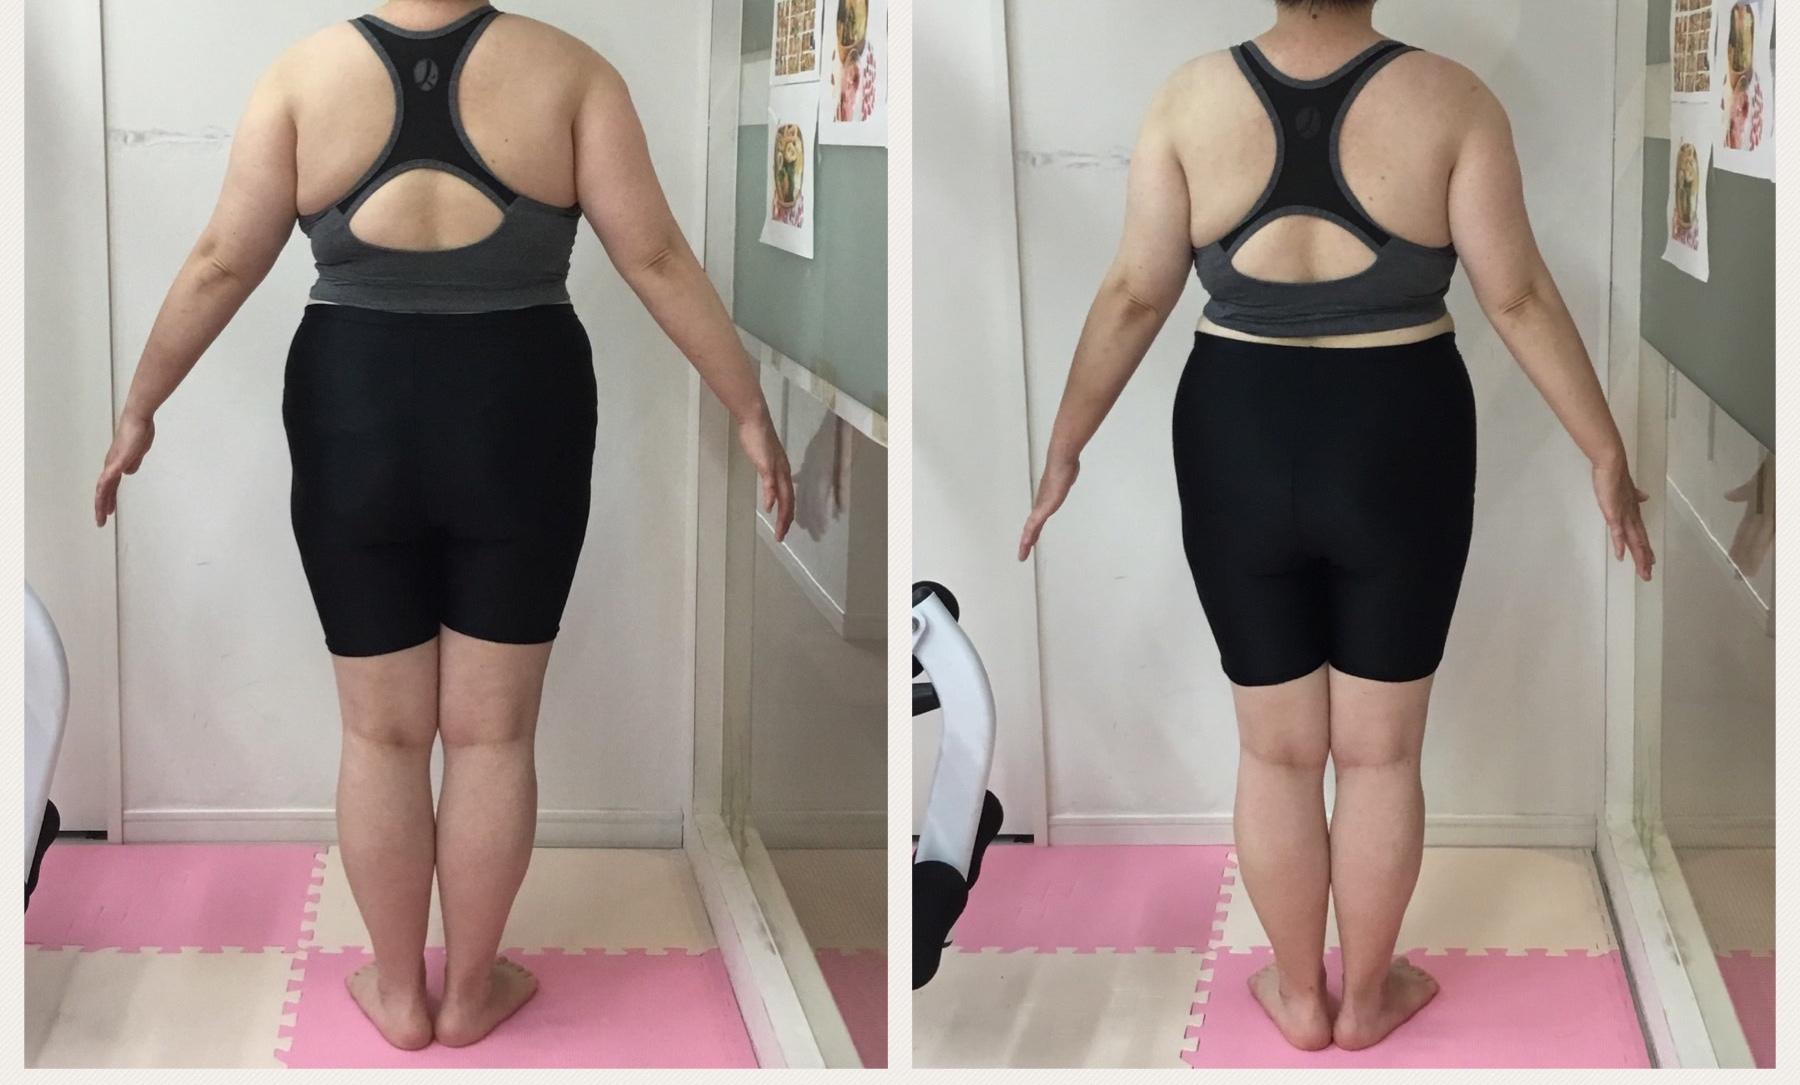 産後ダイエット、産後のトレーニング、産後の歪み調整